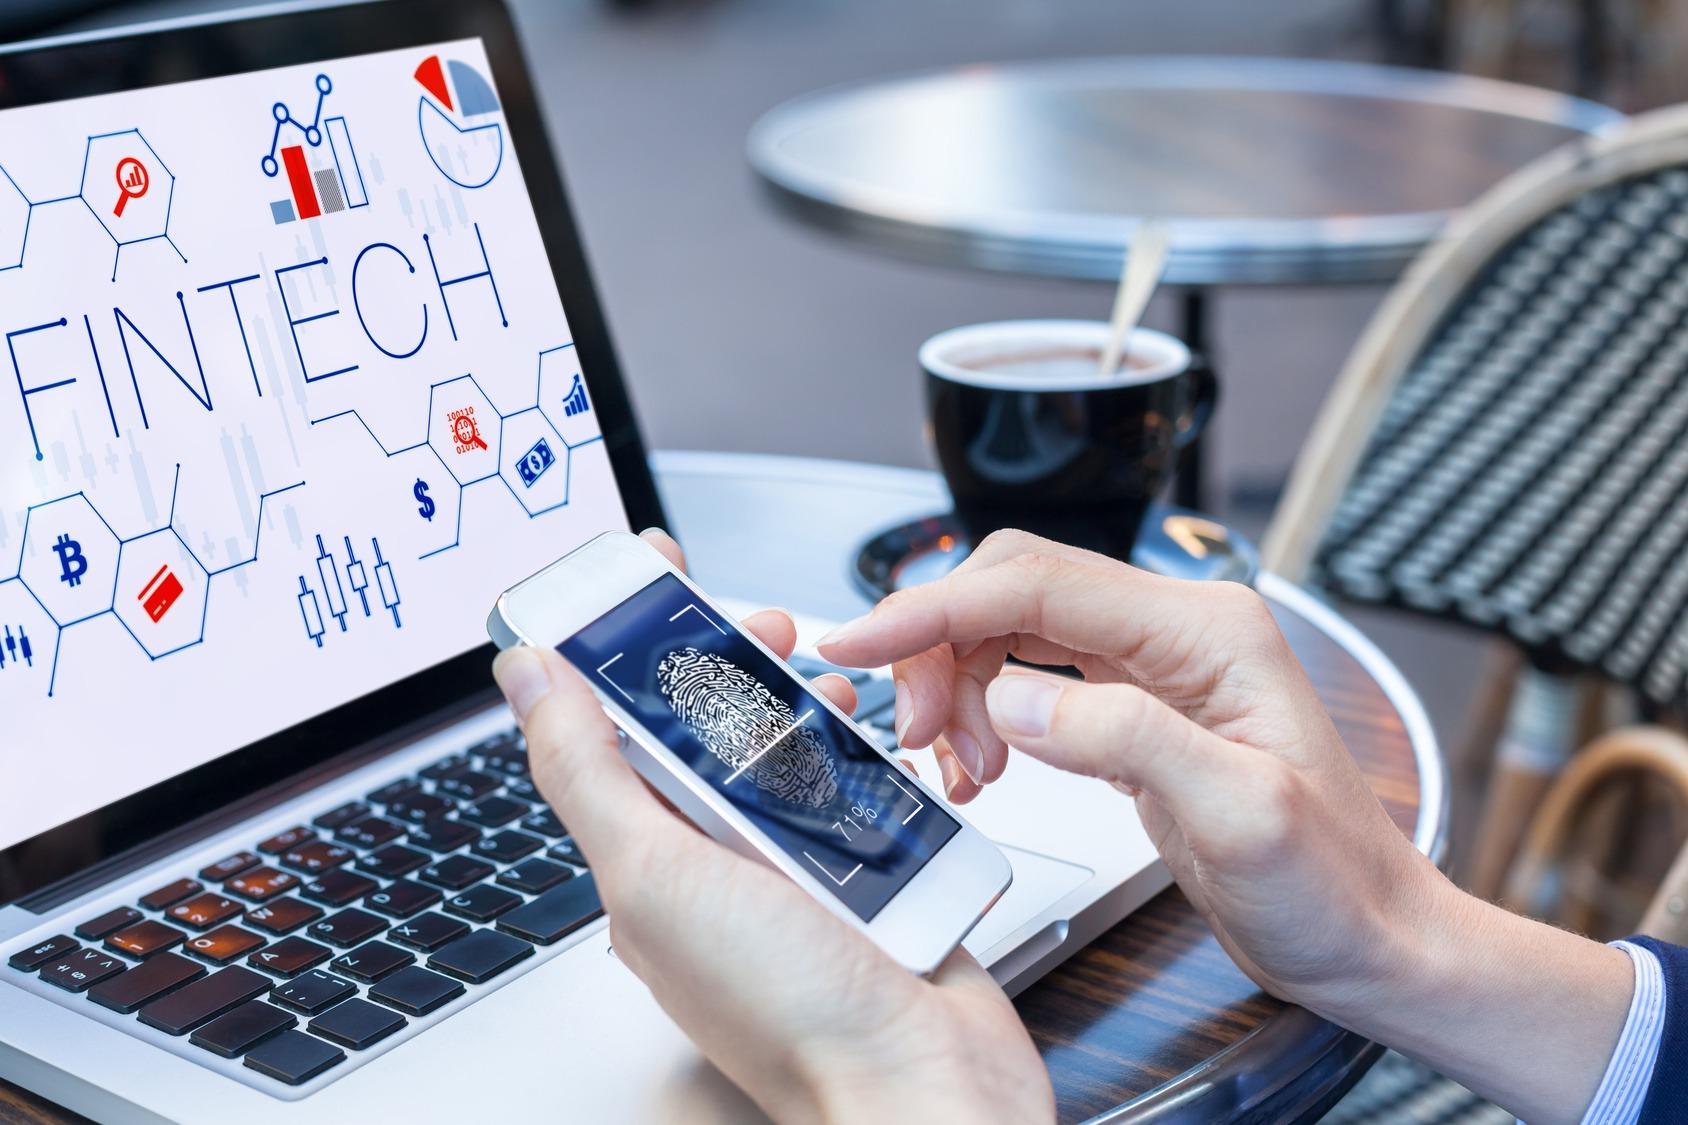 Starting a Fintech start-up – how to build a Fintech app?